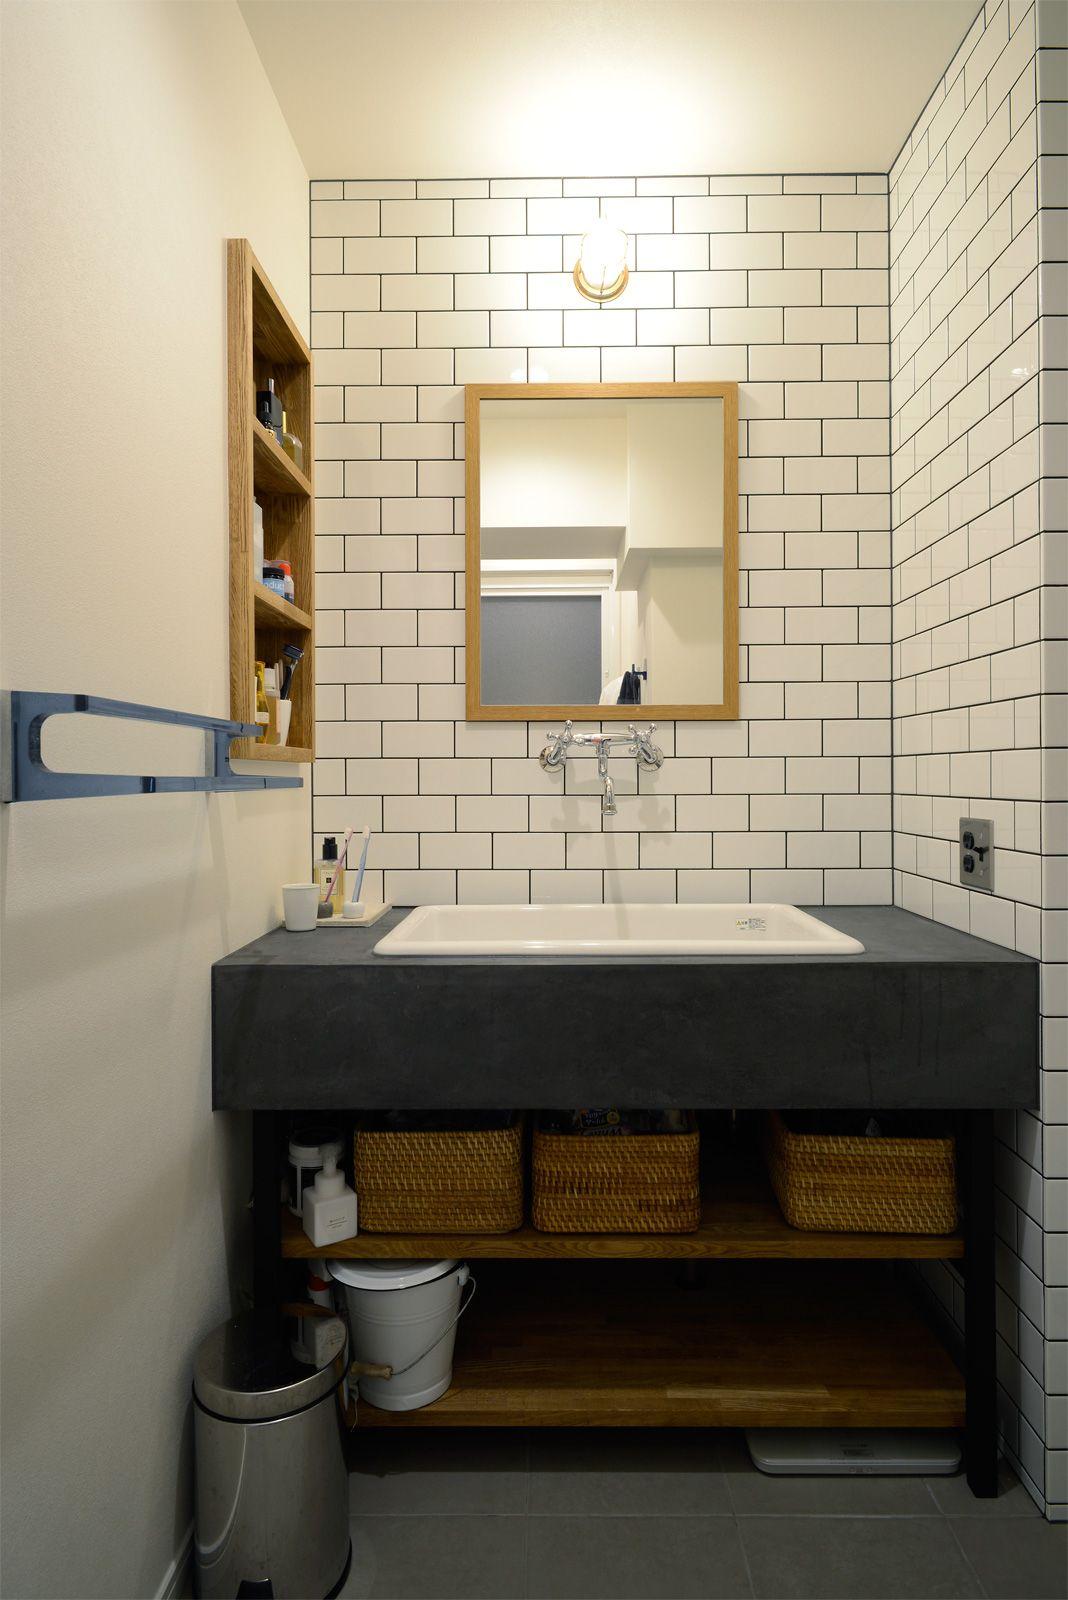 モルタルの洗面台に 実験用シンクの組み合わせ 黒い目地を入れた